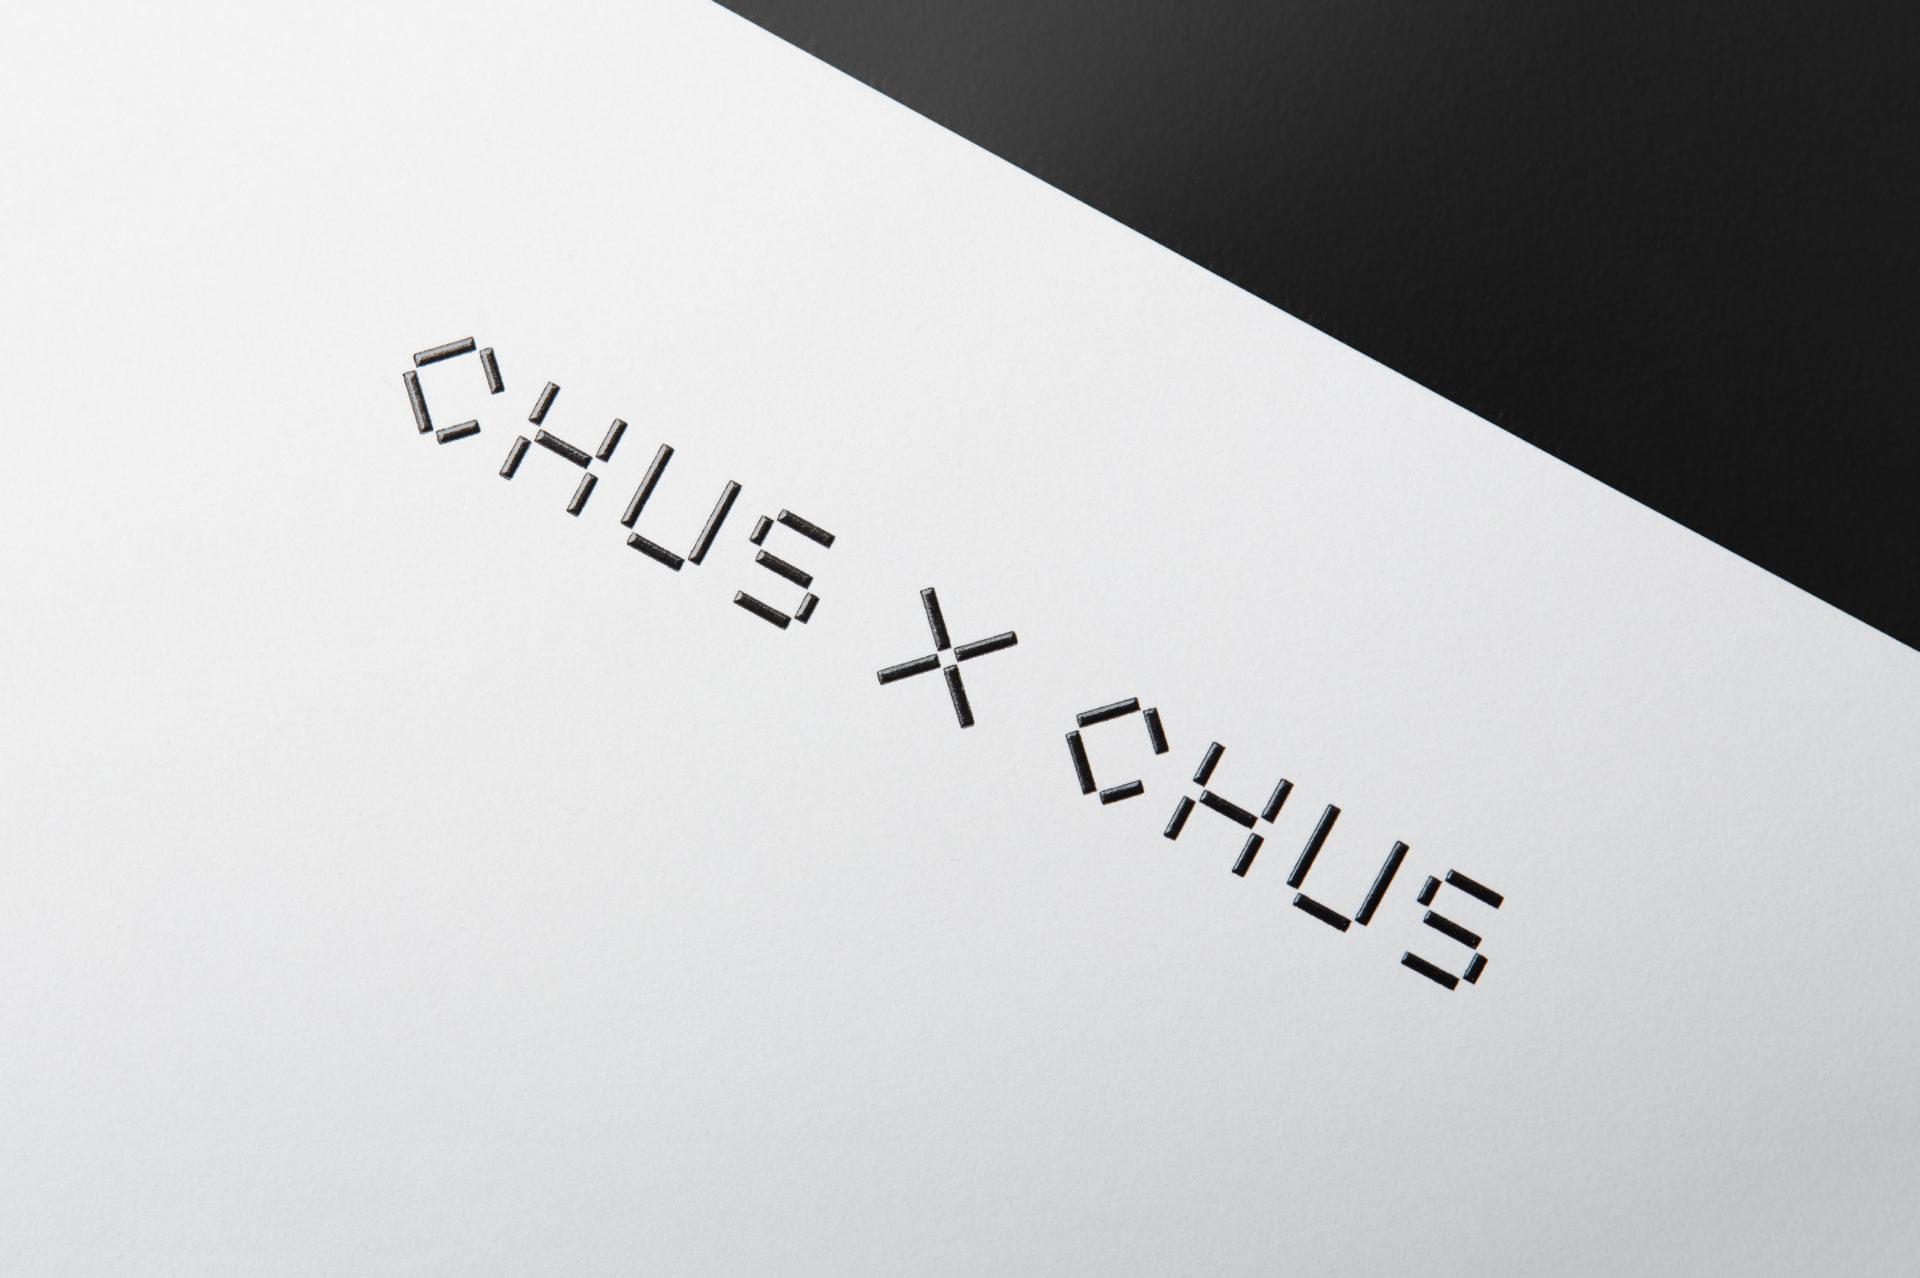 Chus x Chus |Javier Arizu